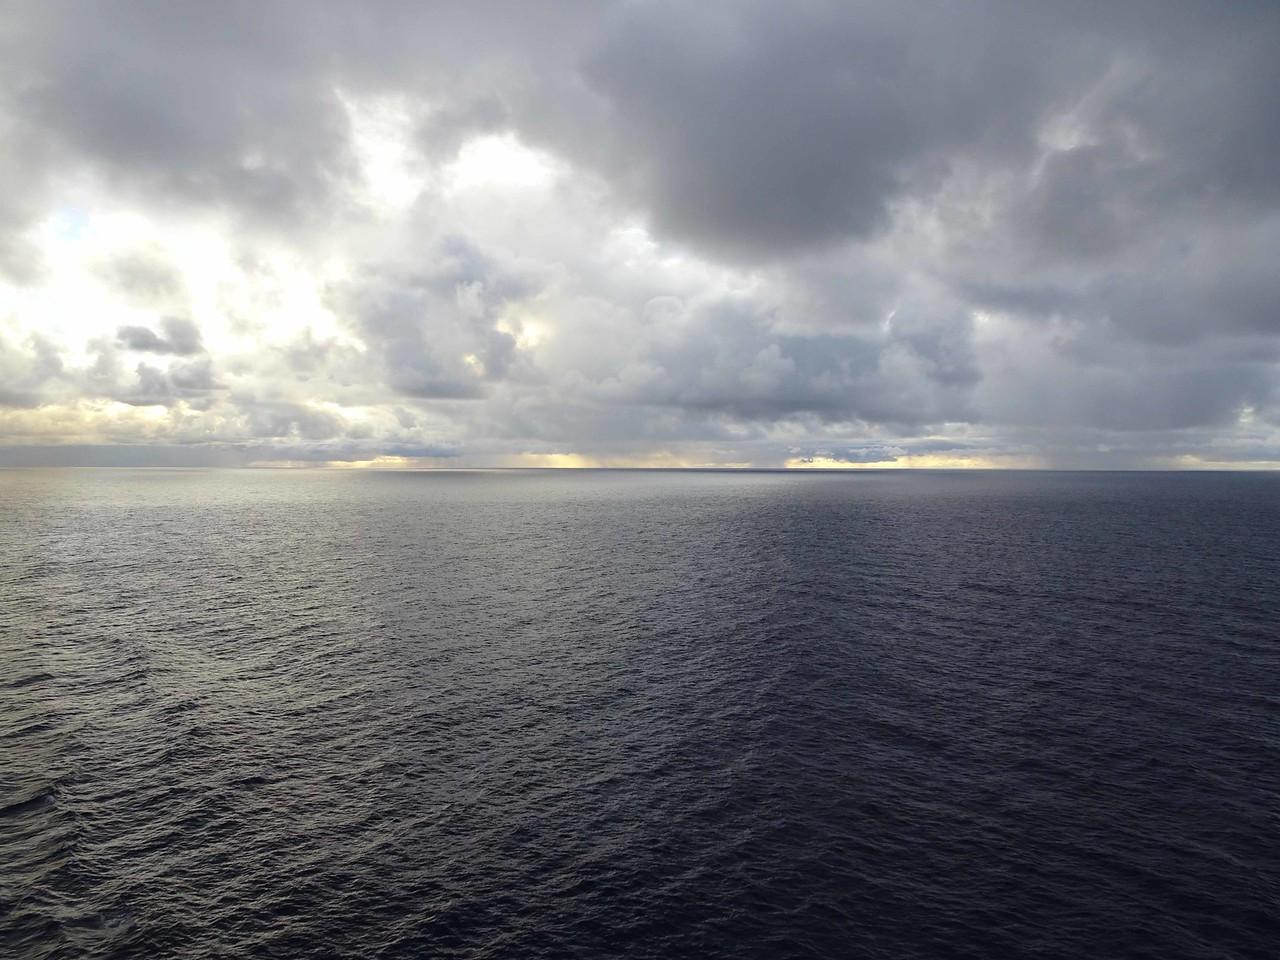 847 Storm Seas